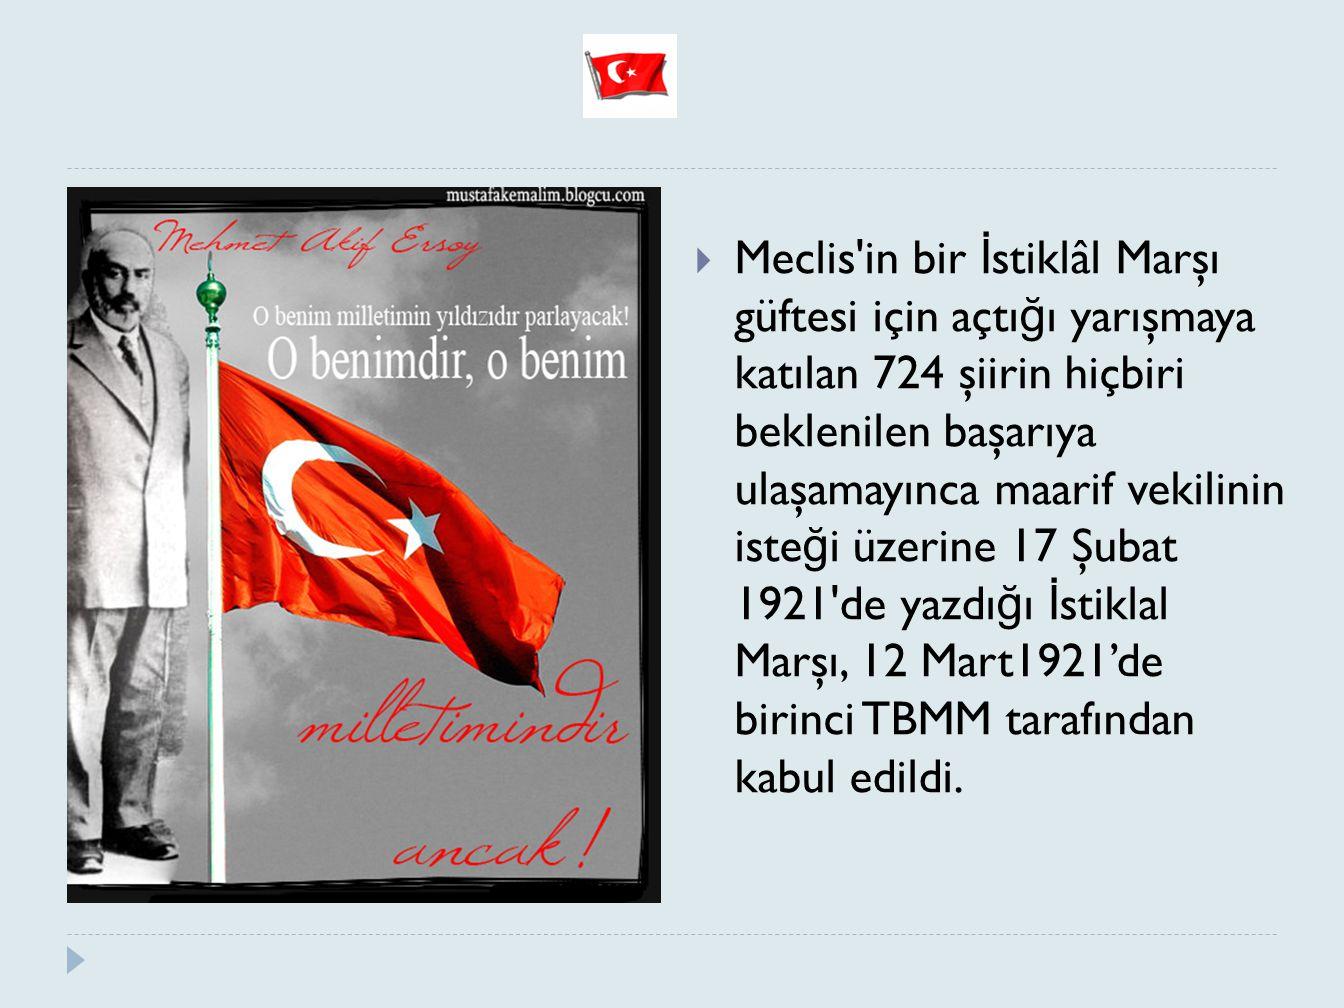 Meclis in bir İstiklâl Marşı güftesi için açtığı yarışmaya katılan 724 şiirin hiçbiri beklenilen başarıya ulaşamayınca maarif vekilinin isteği üzerine 17 Şubat 1921 de yazdığı İstiklal Marşı, 12 Mart1921'de birinci TBMM tarafından kabul edildi.